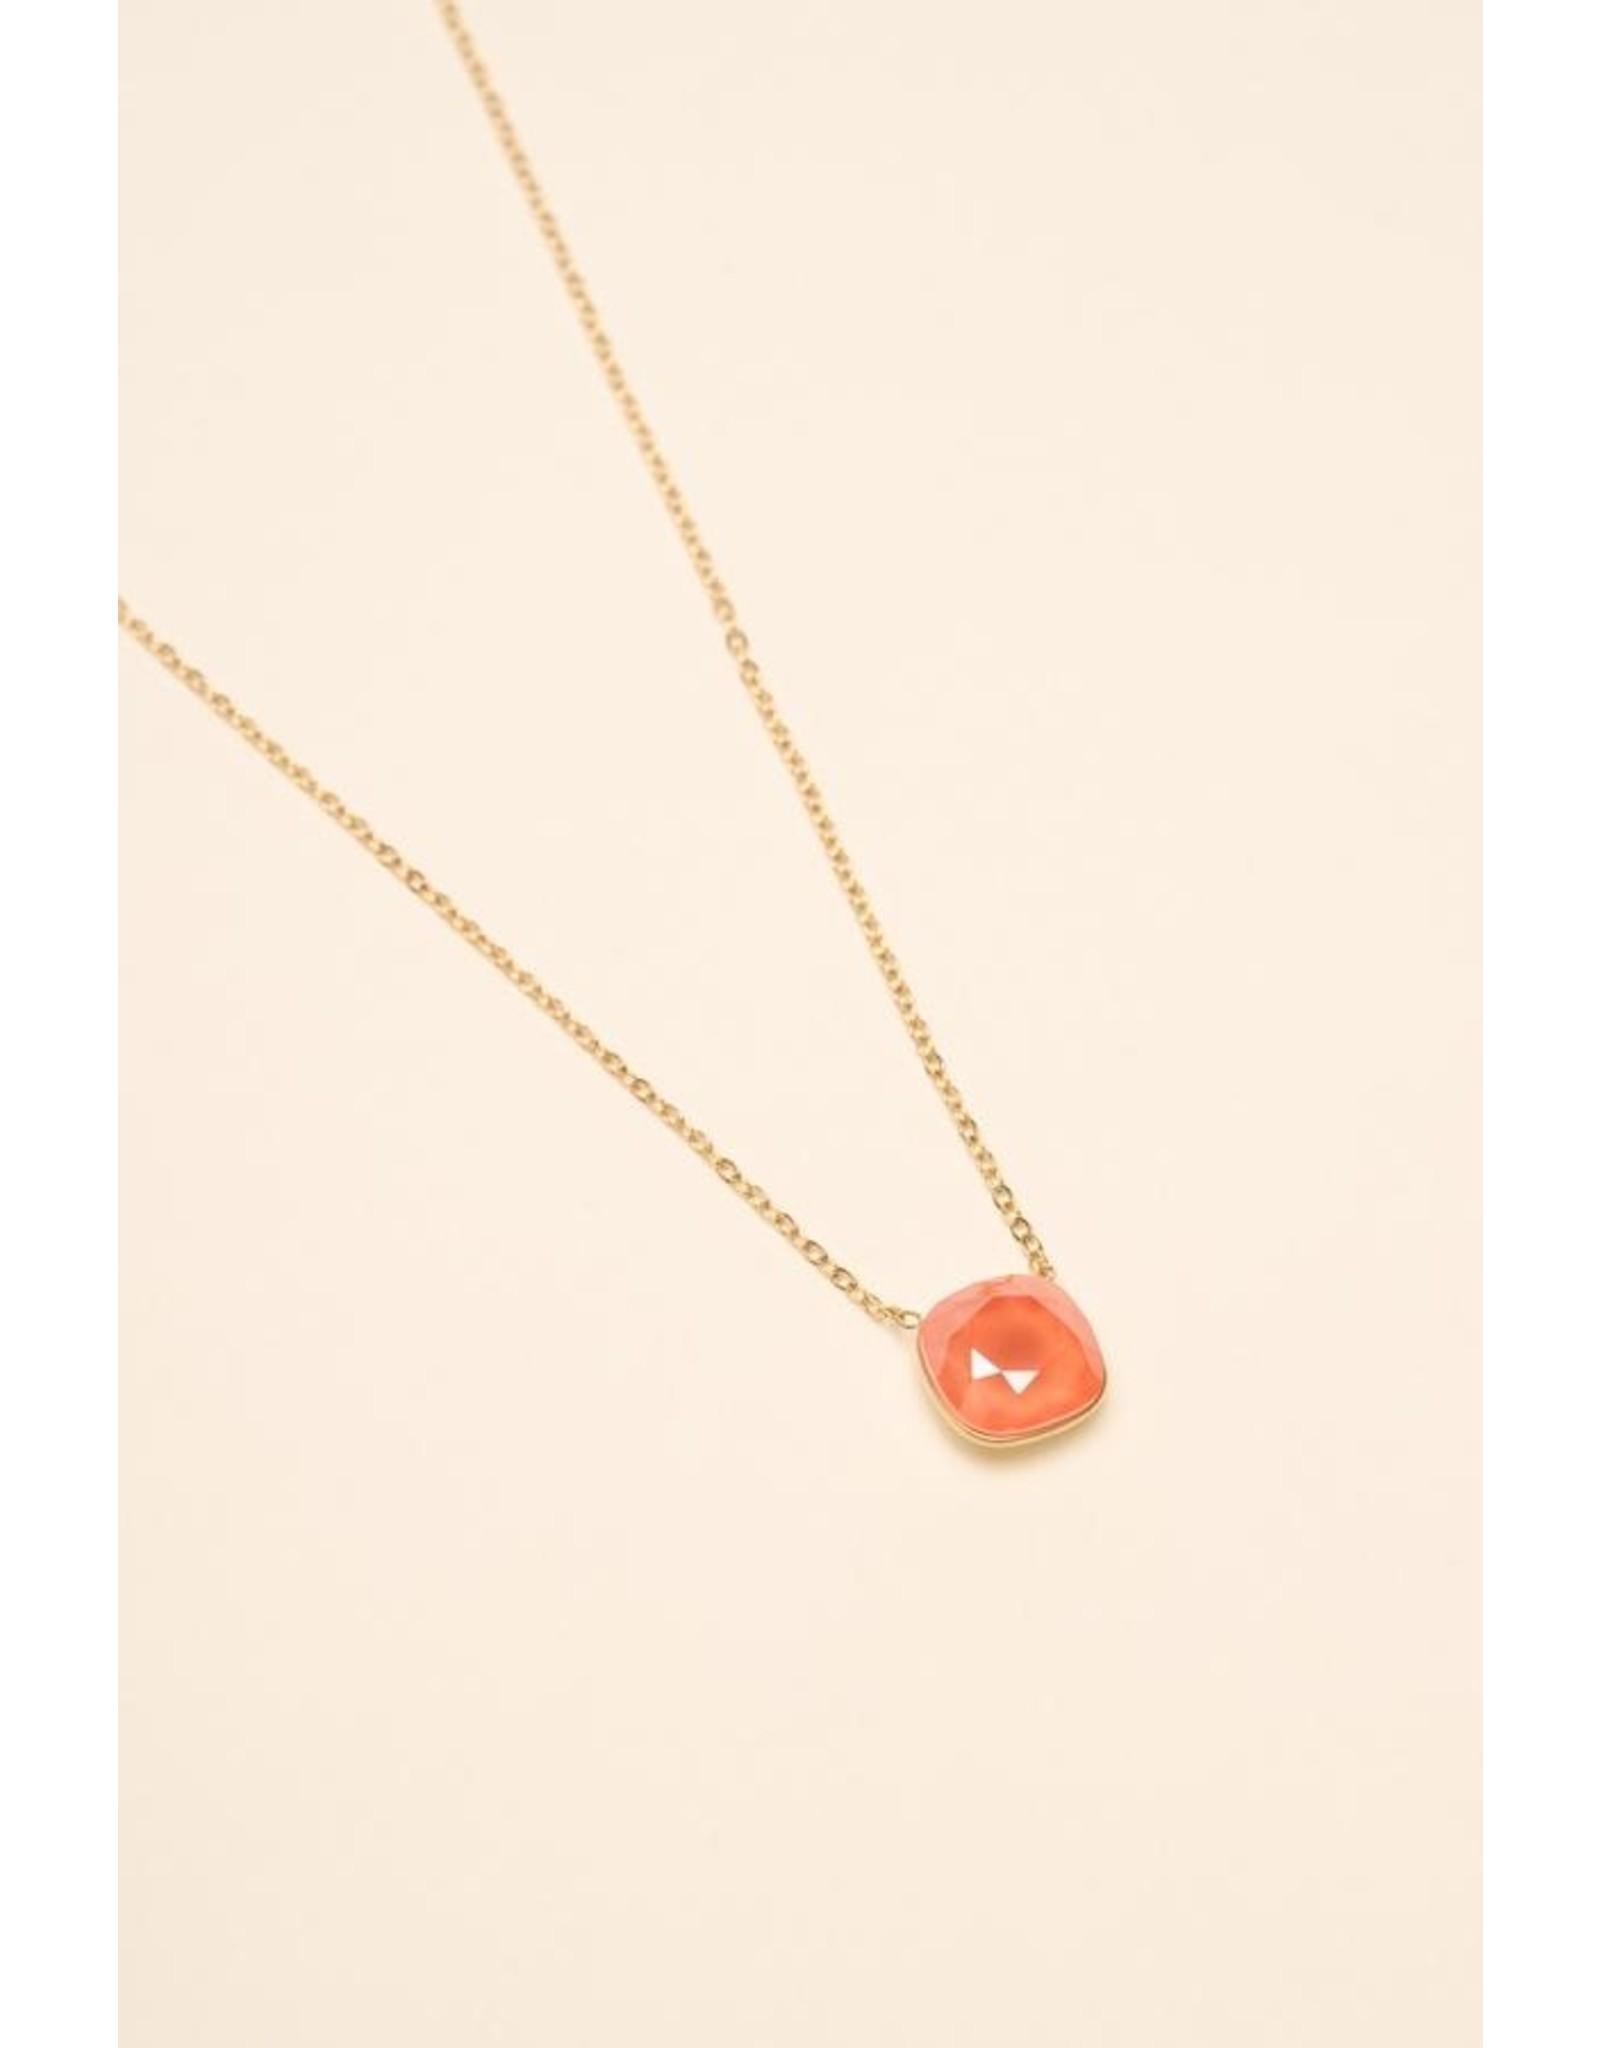 Bohm collier doré corail